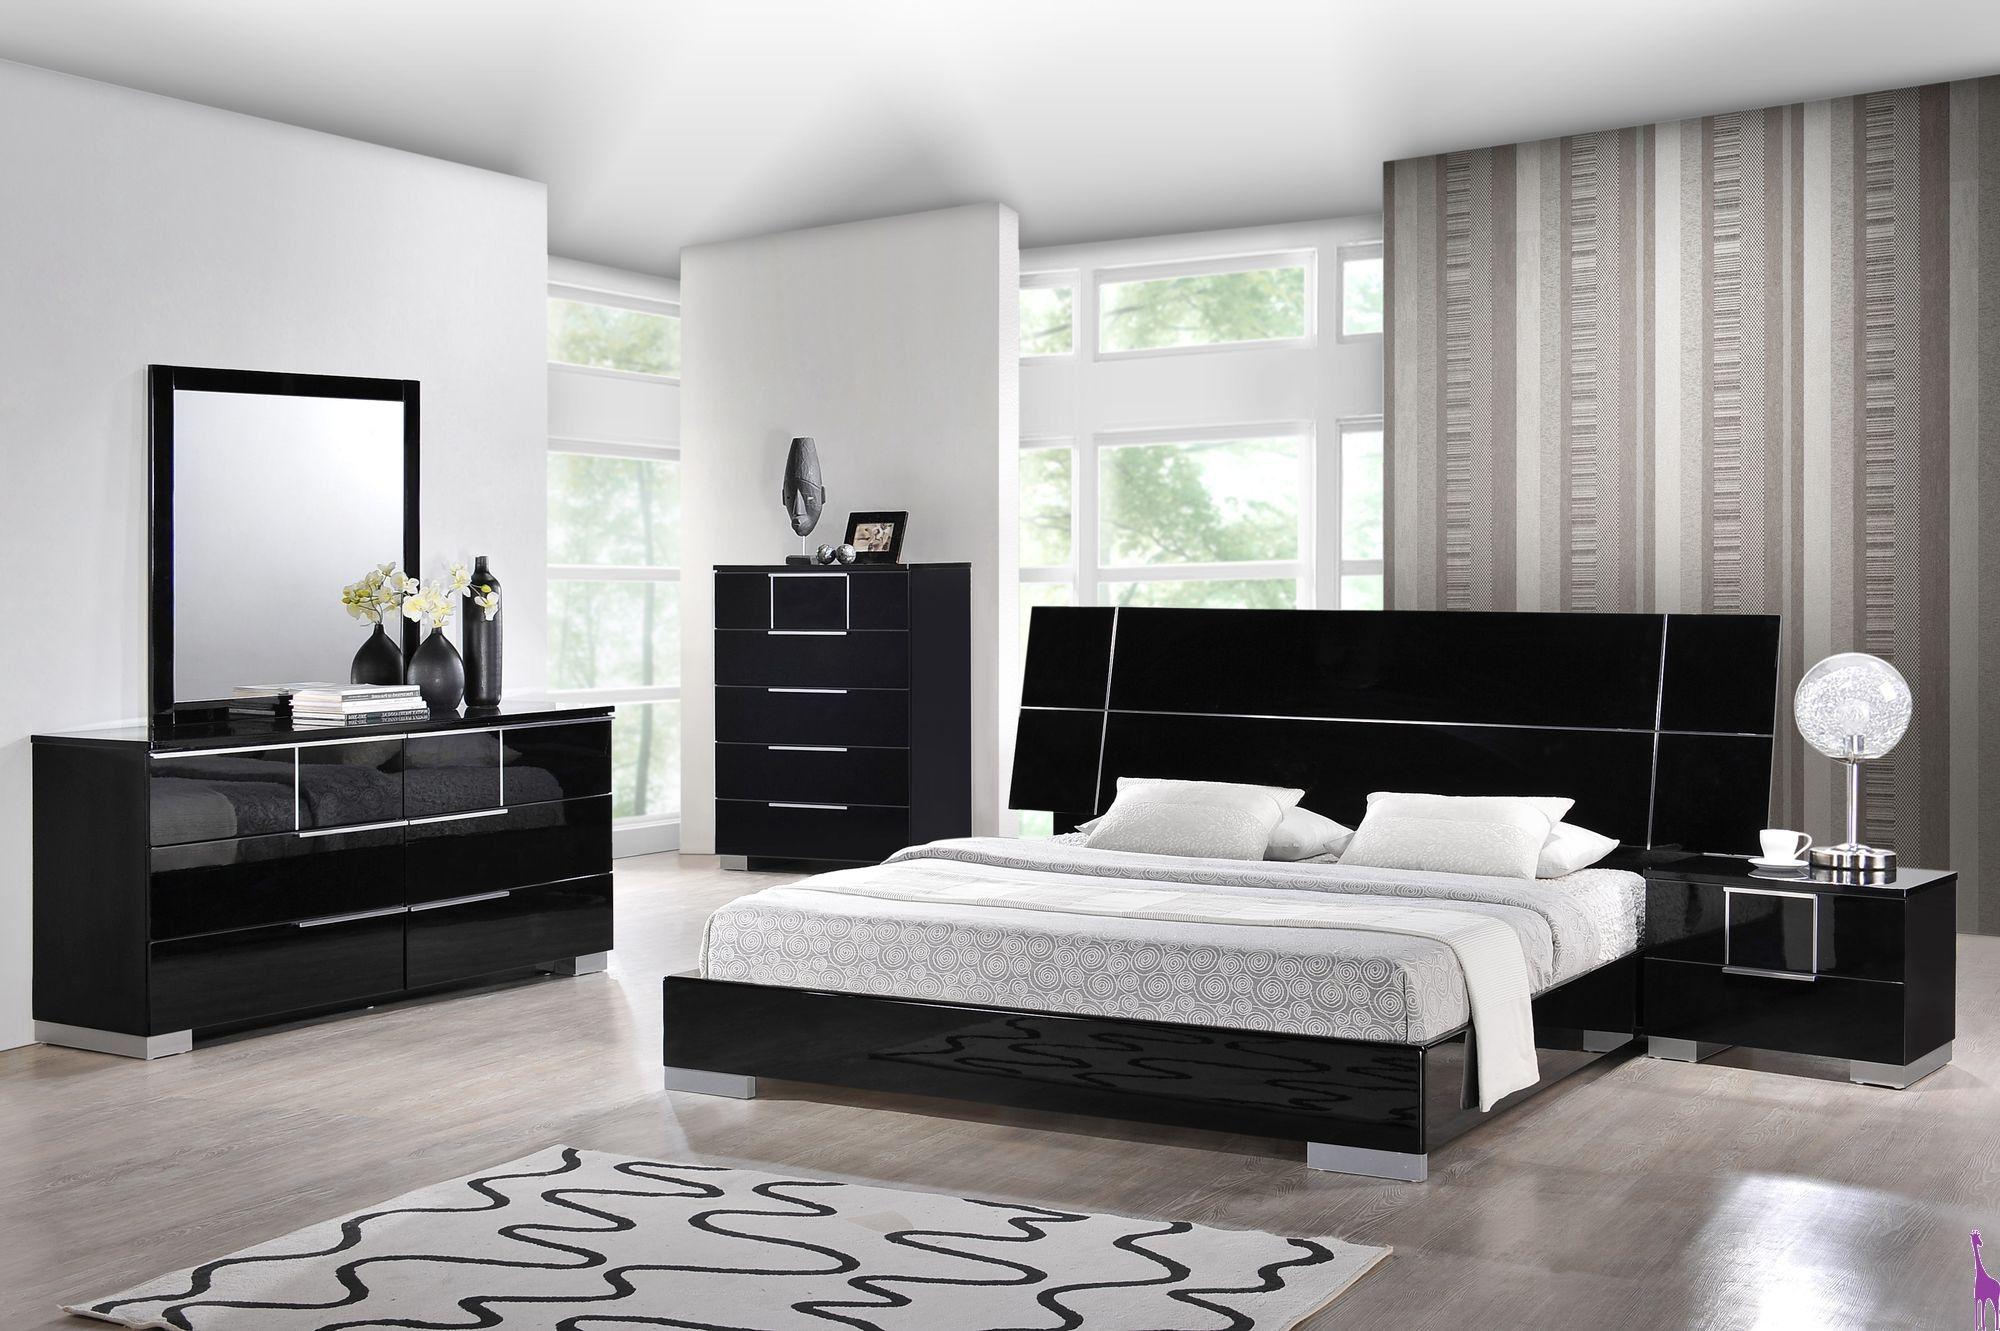 26+ Set bedroom furniture ideas